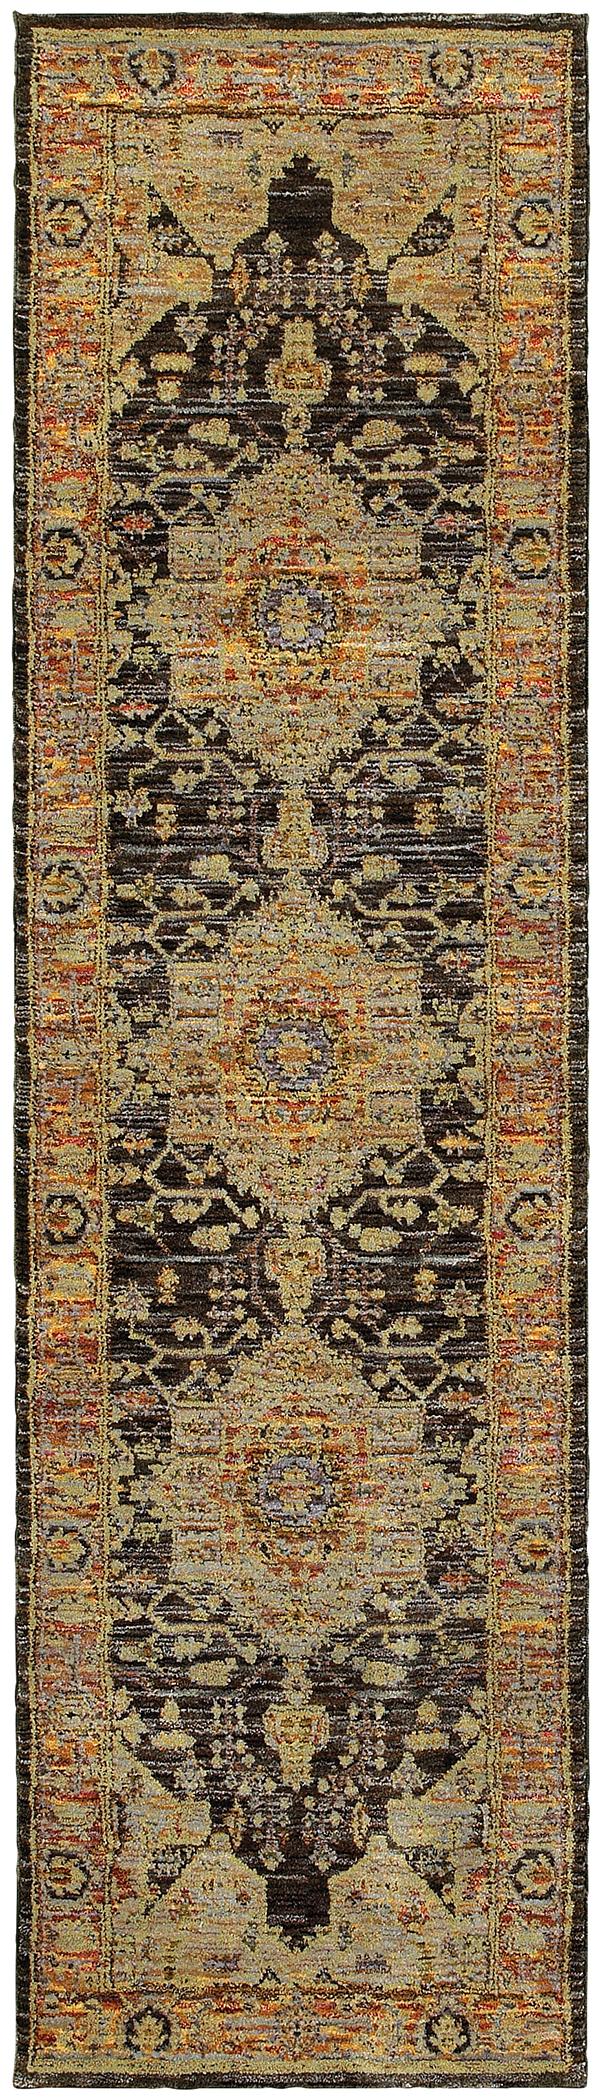 Oriental Weavers Andorra 7138b Rug